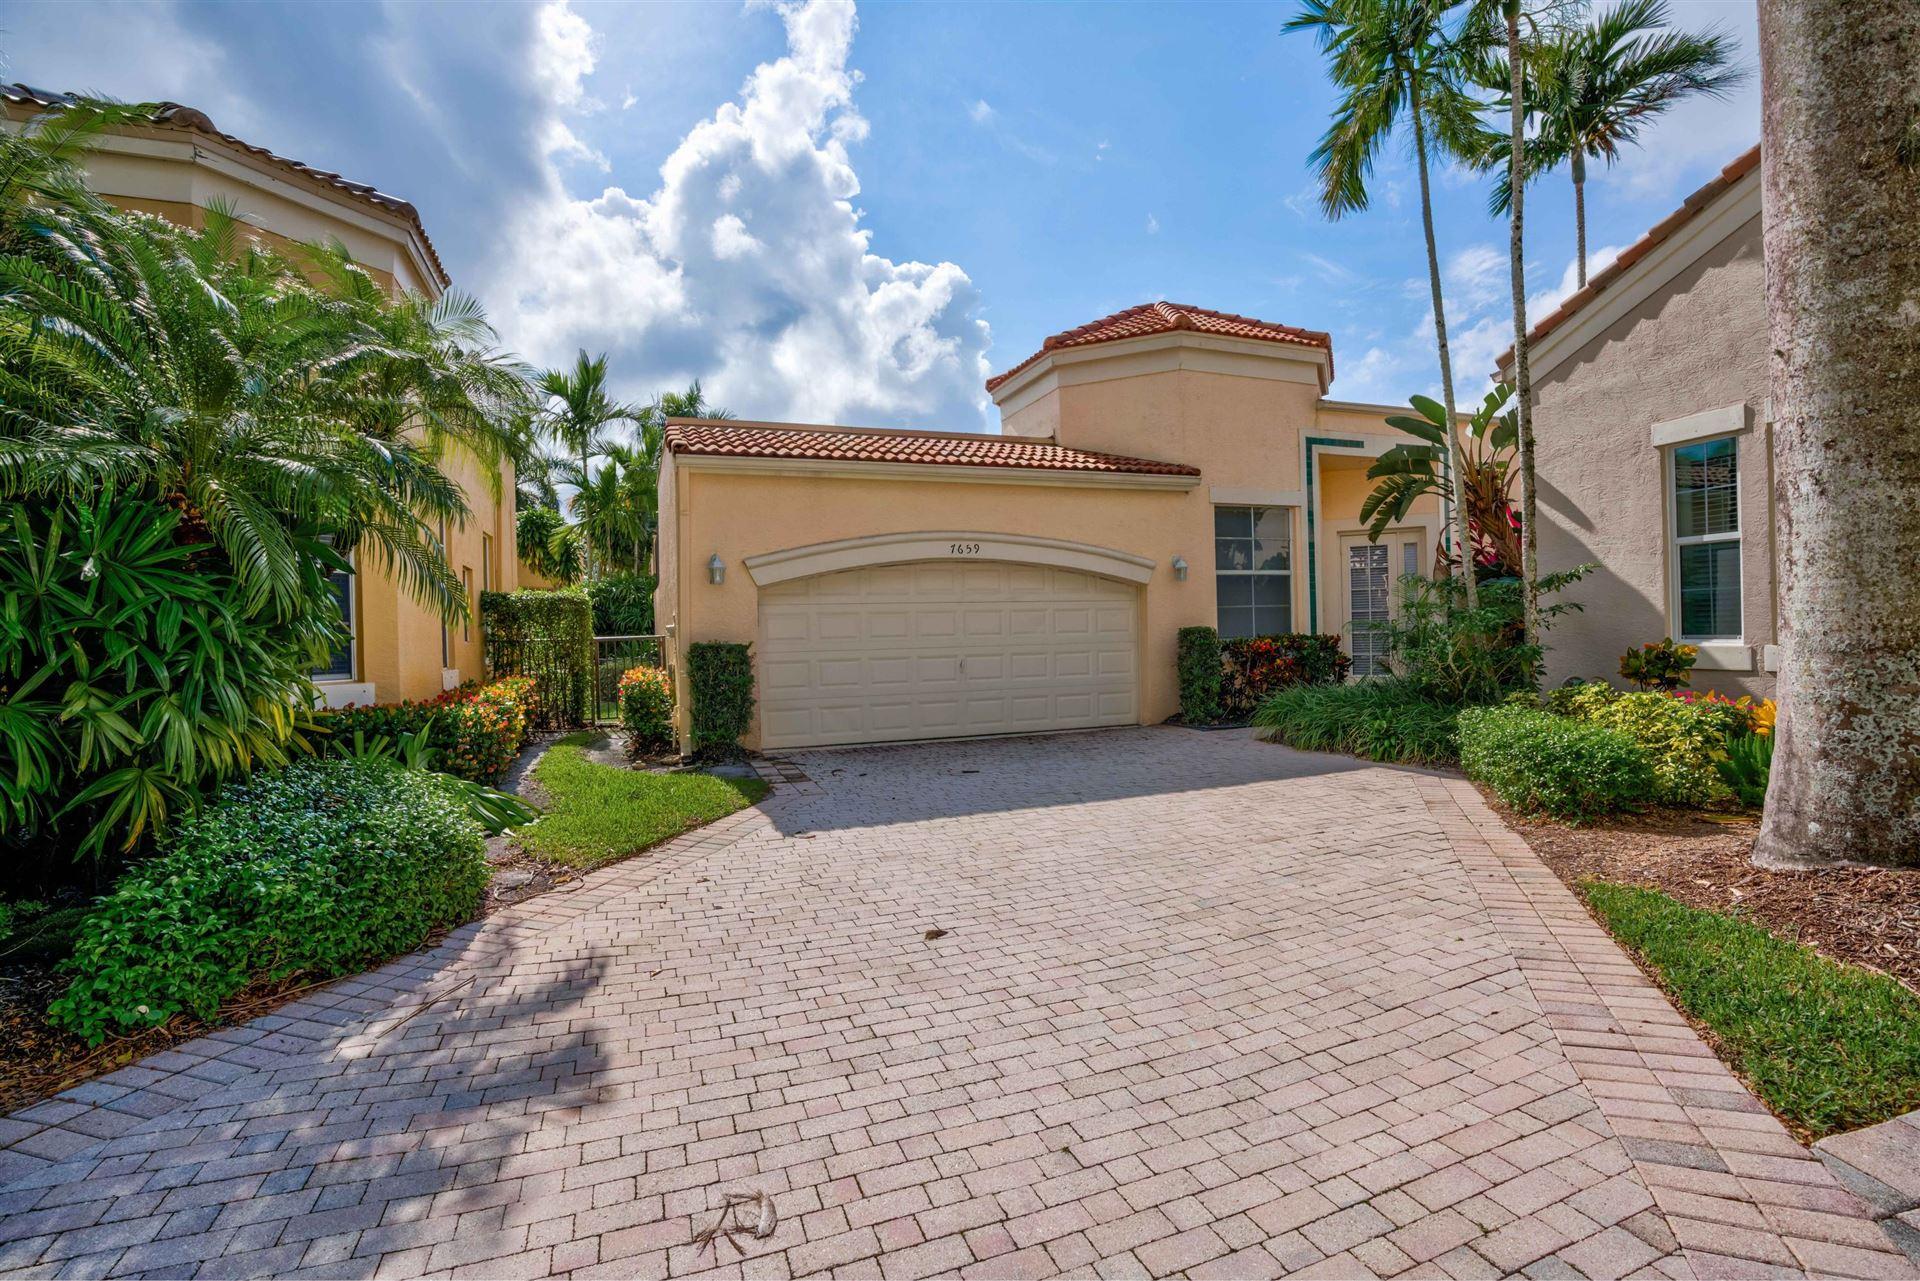 7659 Estuary Court, West Palm Beach, FL 33412 - #: RX-10671036